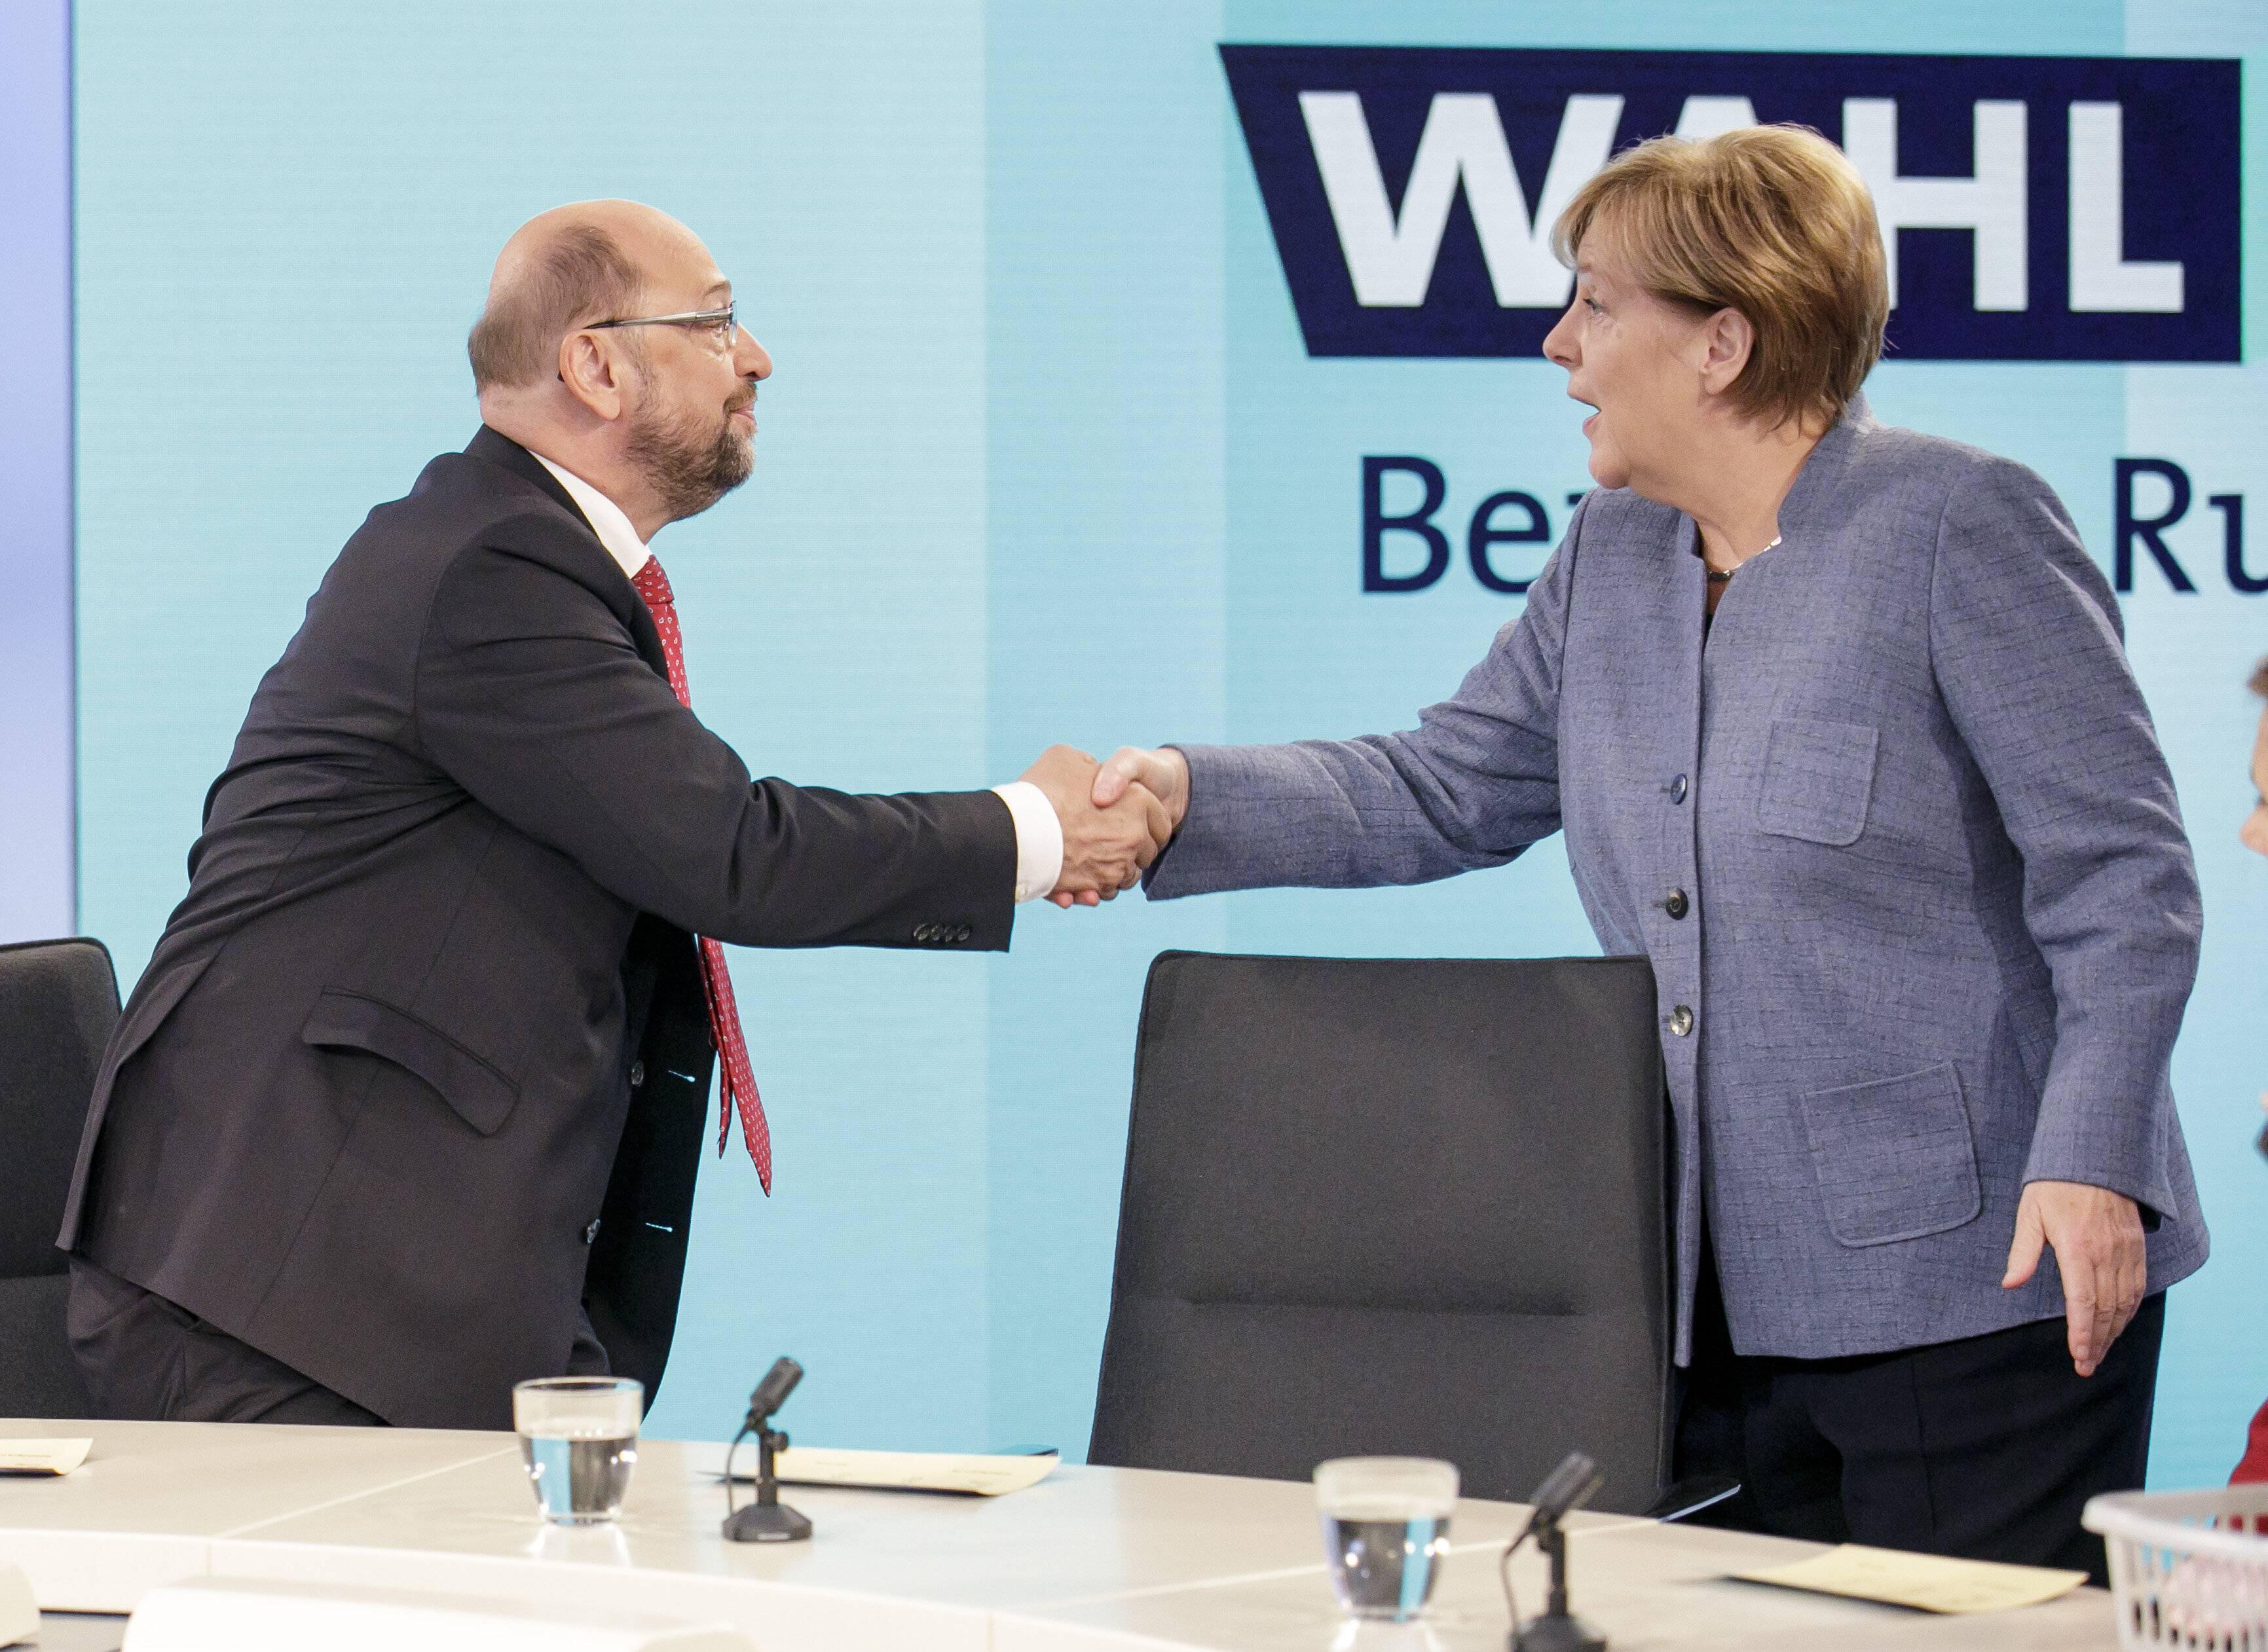 Bild zu SPD, CDU, Bundestagswahl, GroKo, Martin Schulz, Angela Merkel